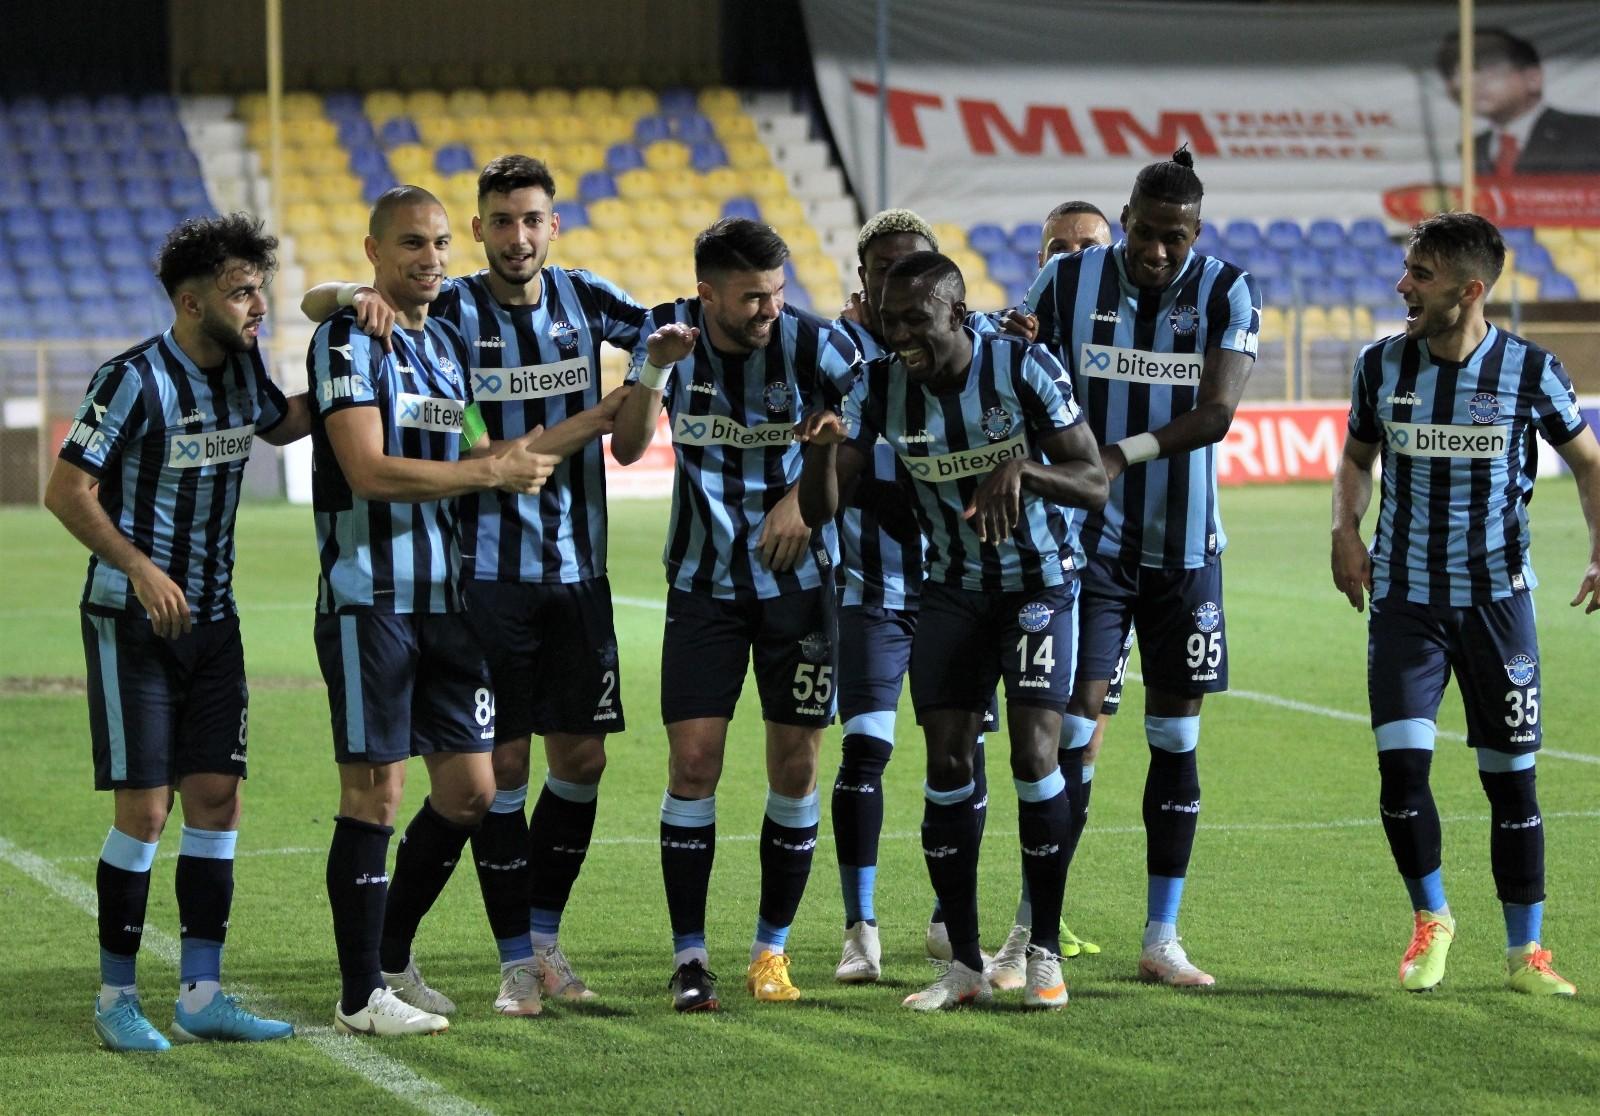 TFF 1. Lig: Menemenspor: 0 - Adana Demirspor: 3 (İlk yarı sonucu) - İzmir  Haberleri